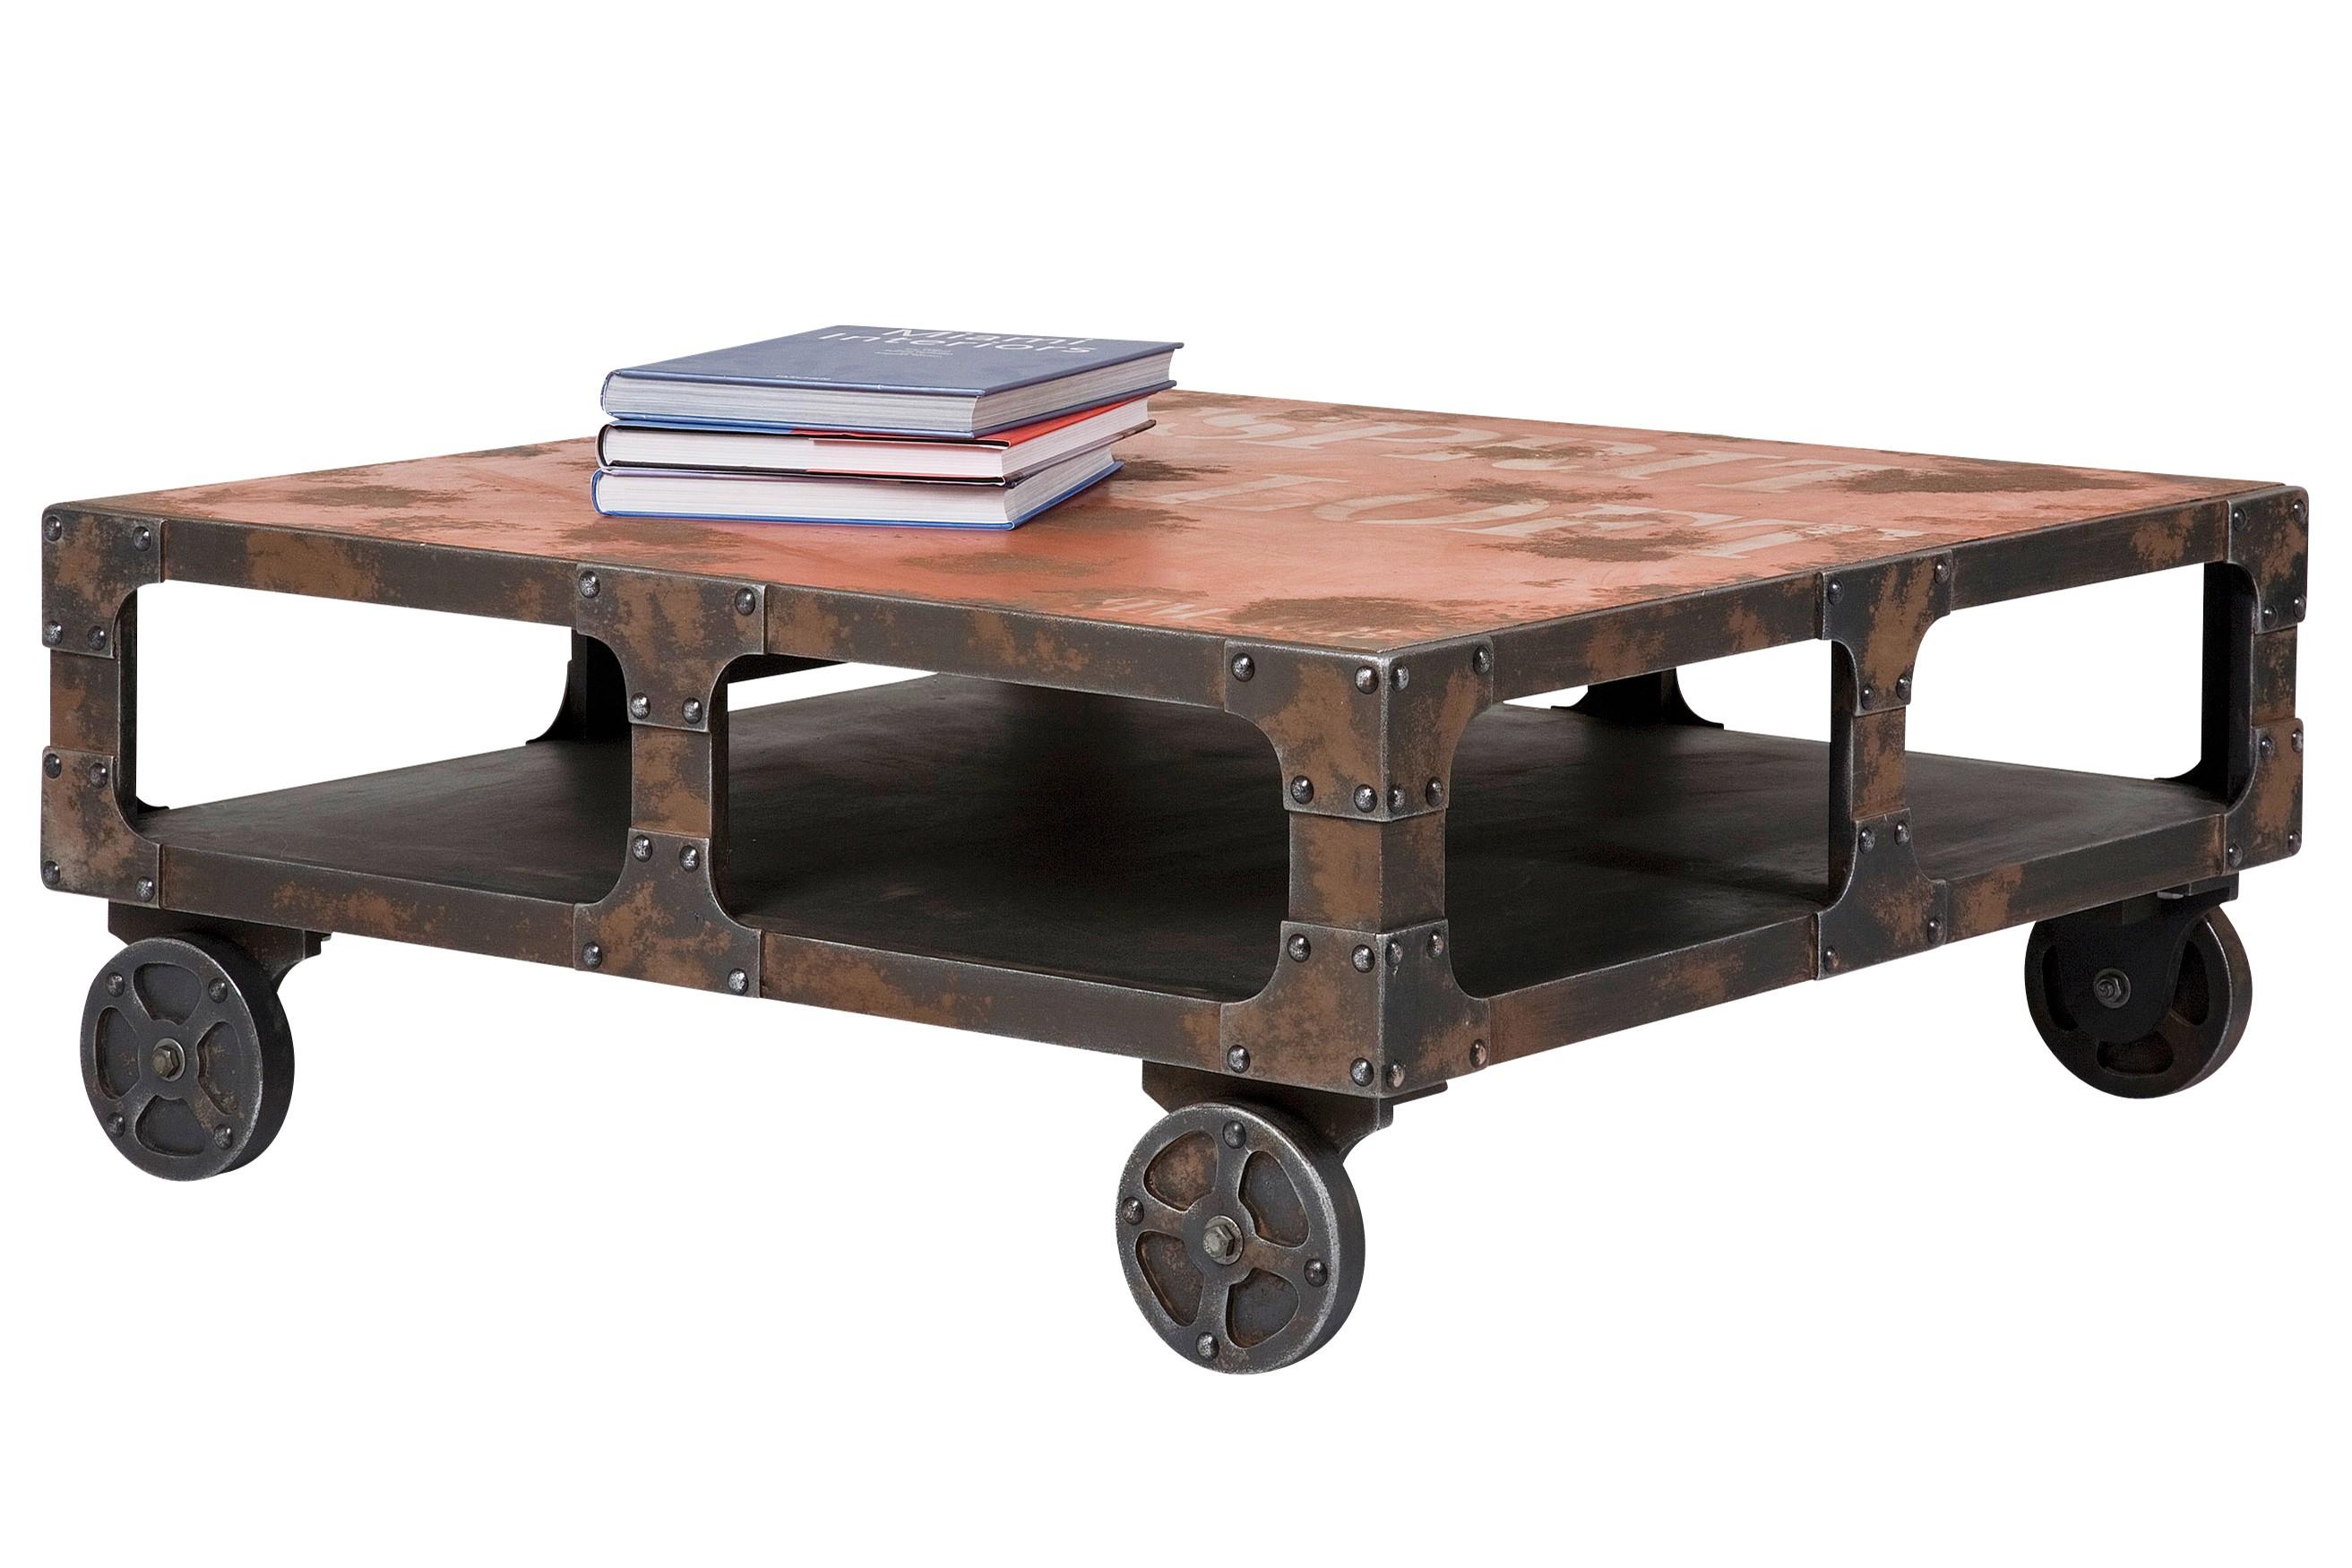 couchtisch manufaktur. Black Bedroom Furniture Sets. Home Design Ideas